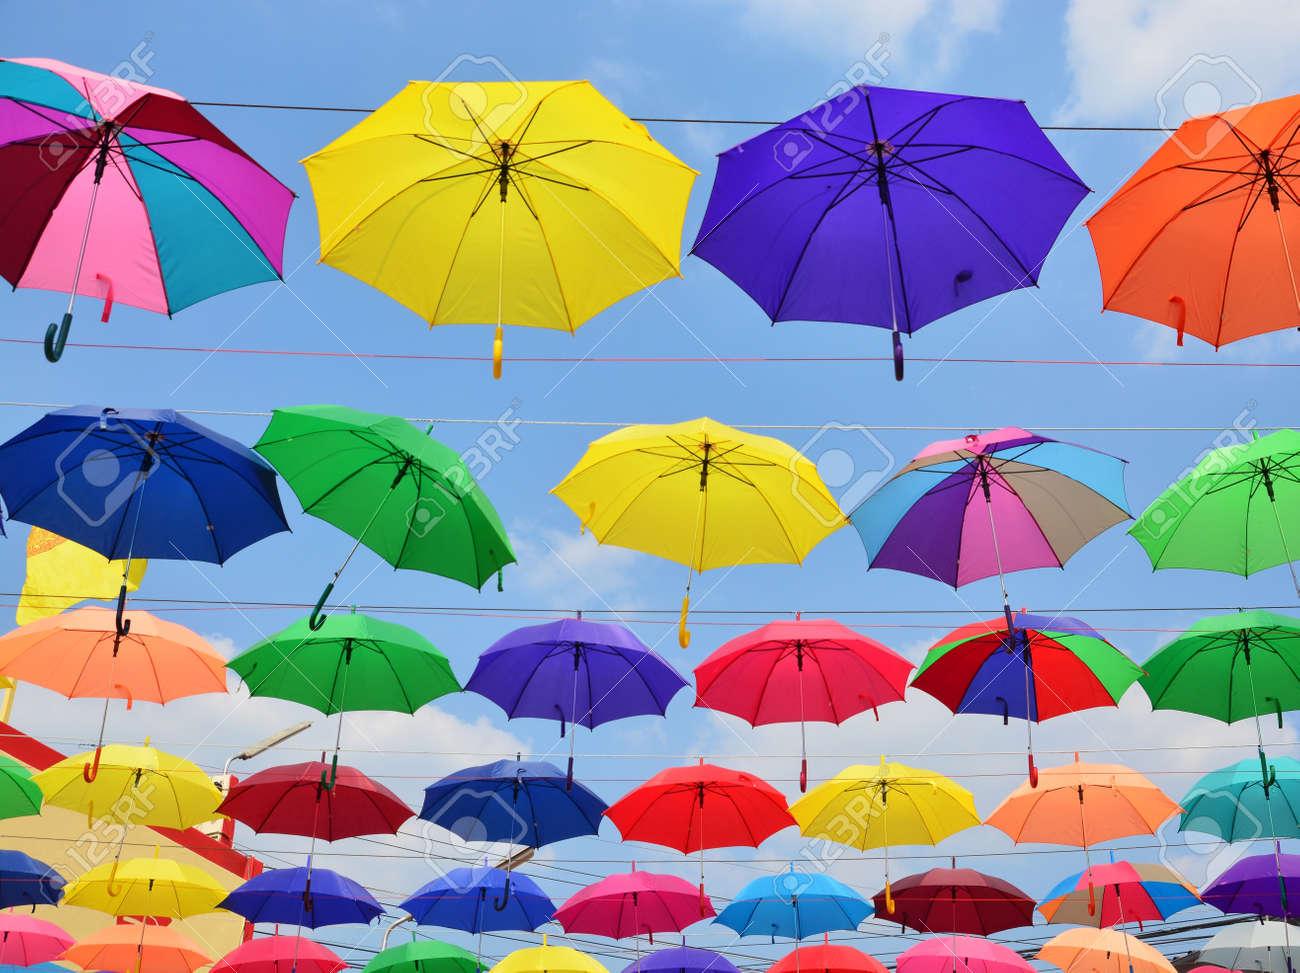 hombre como comprar precio especial para Fondo de paraguas de colores. Coloruful paraguas decoración de la calle  urbana. Colgando paraguas multicolores sobre cielo azul.